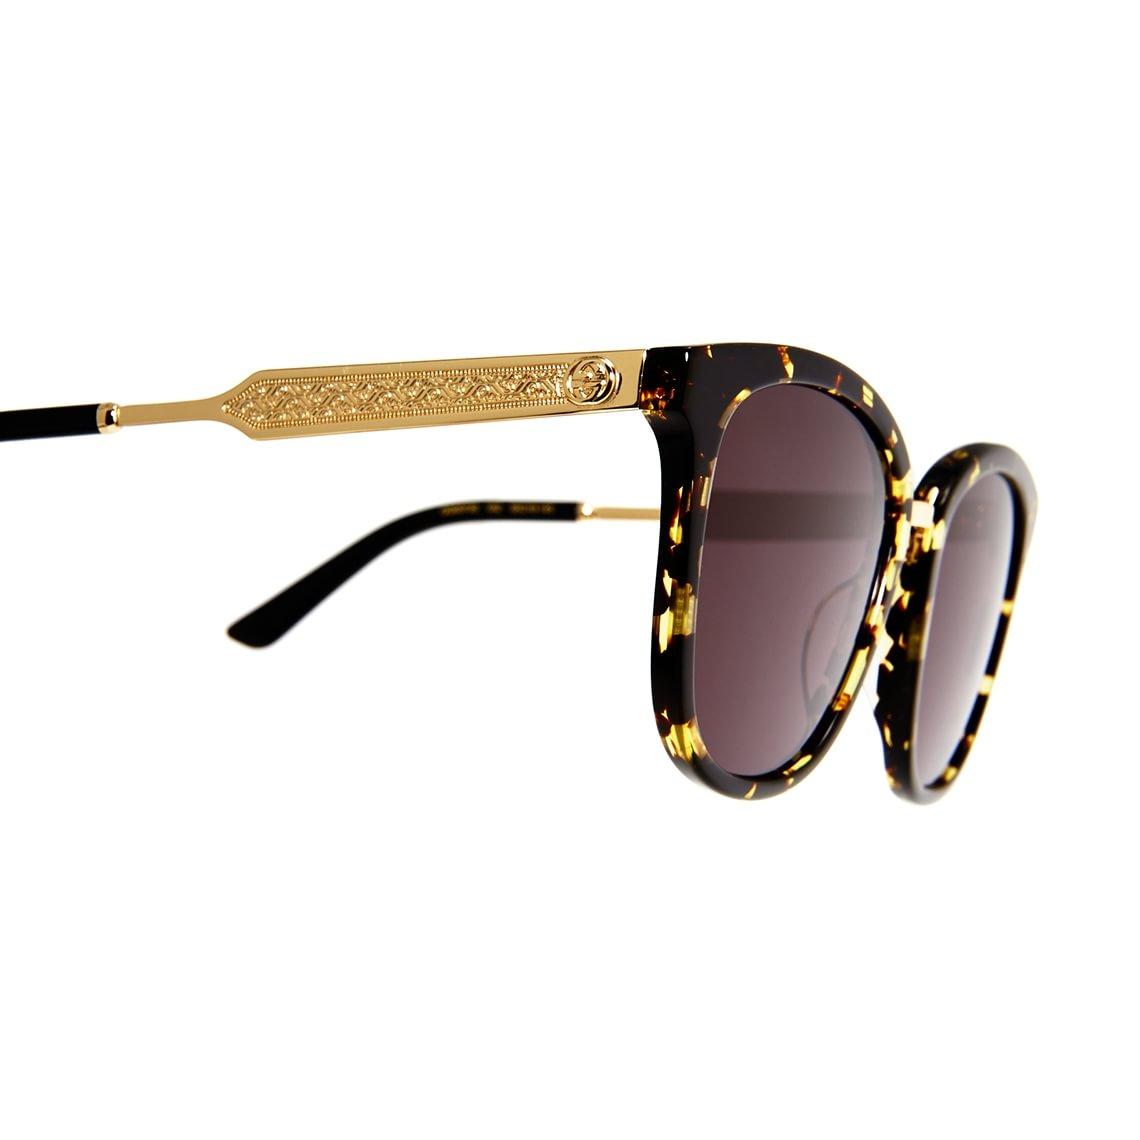 Gucci GG 0073S 002 5519